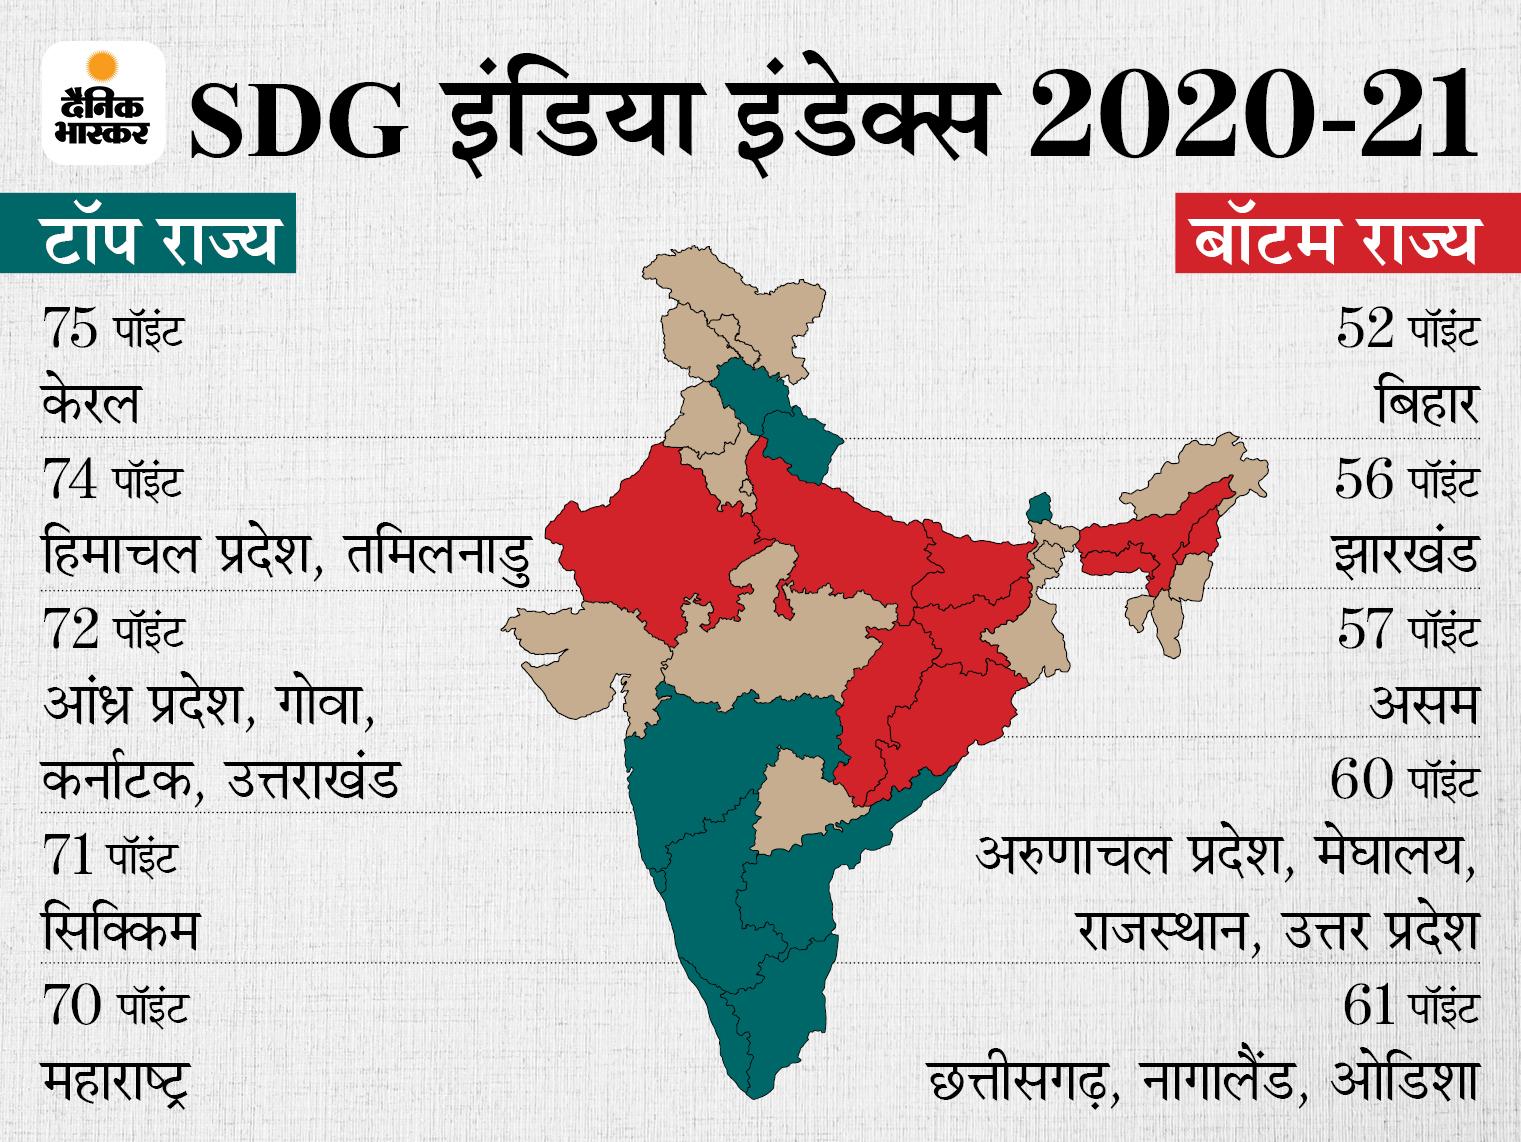 नीति आयोग ने जारी की रिपोर्ट; प्रदर्शन करने में सबसे आगे केरल, लेकिन बिहार की हालत सबसे खराब|बिजनेस,Business - Dainik Bhaskar